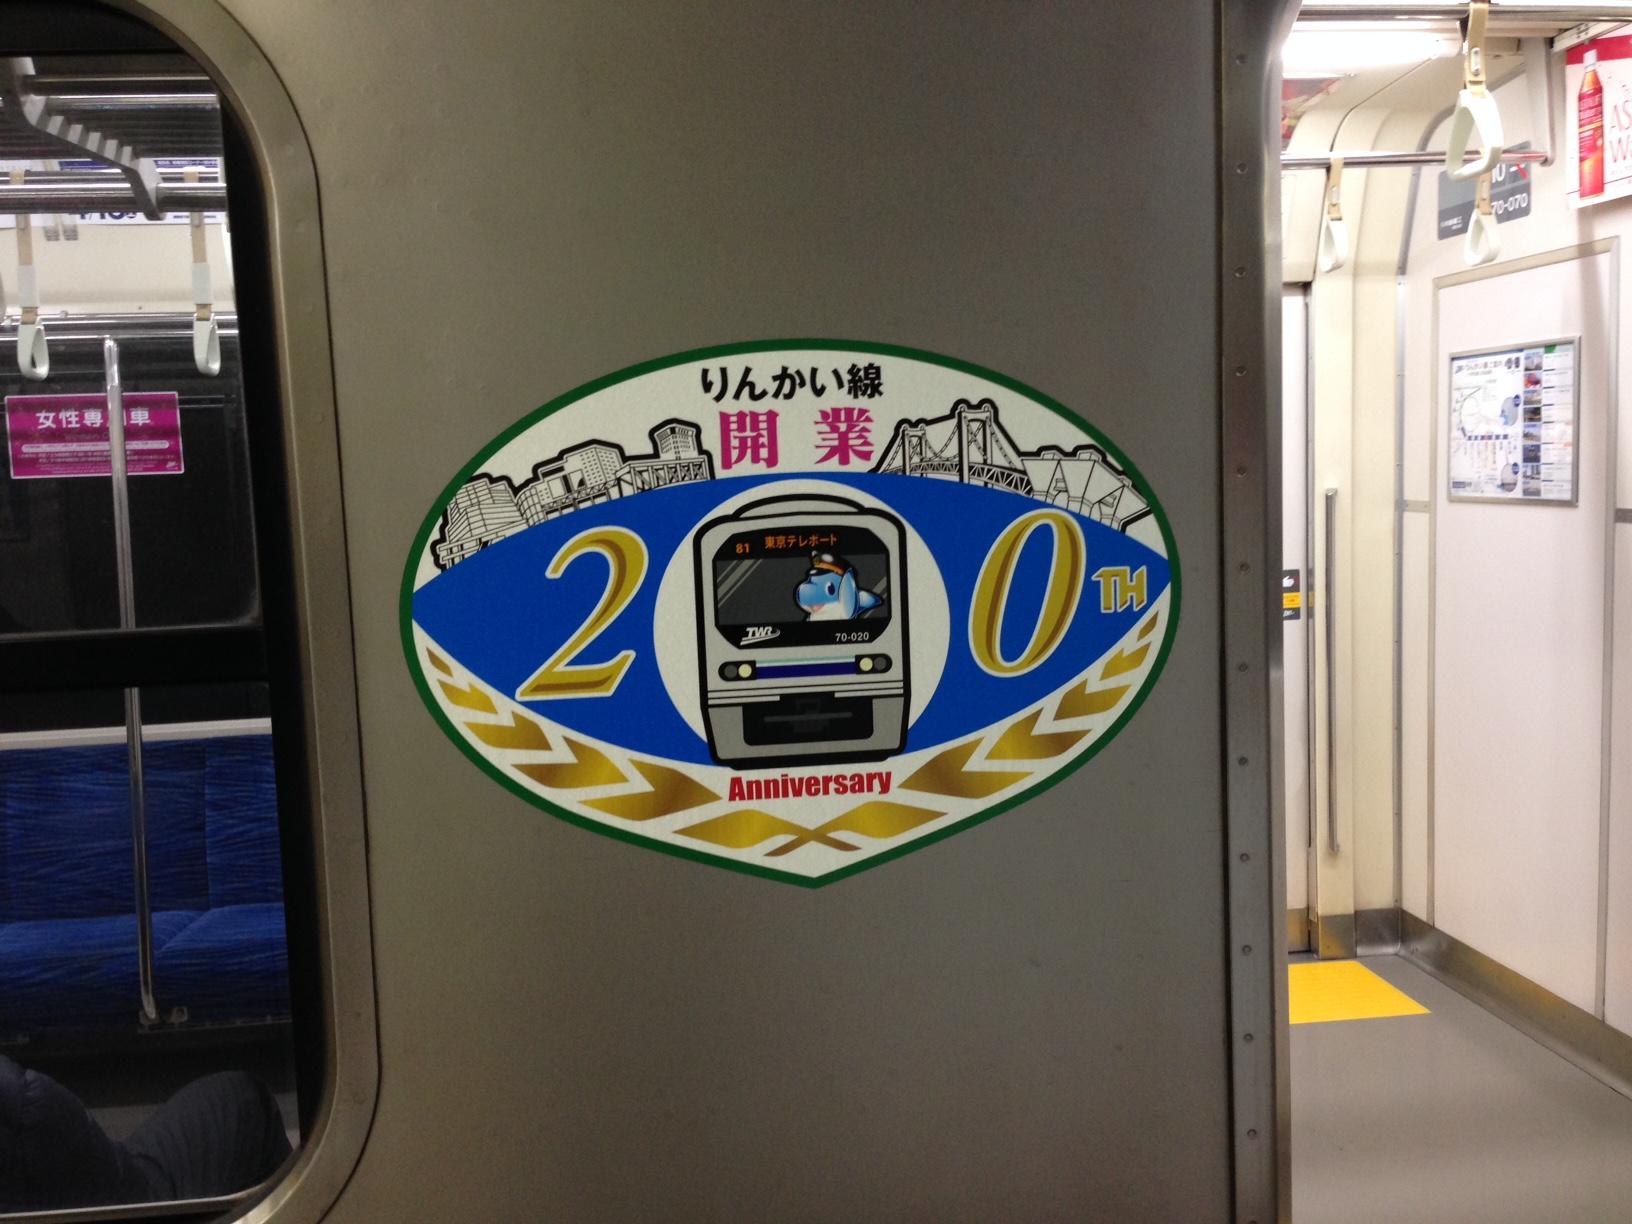 りんかい線開業20周年